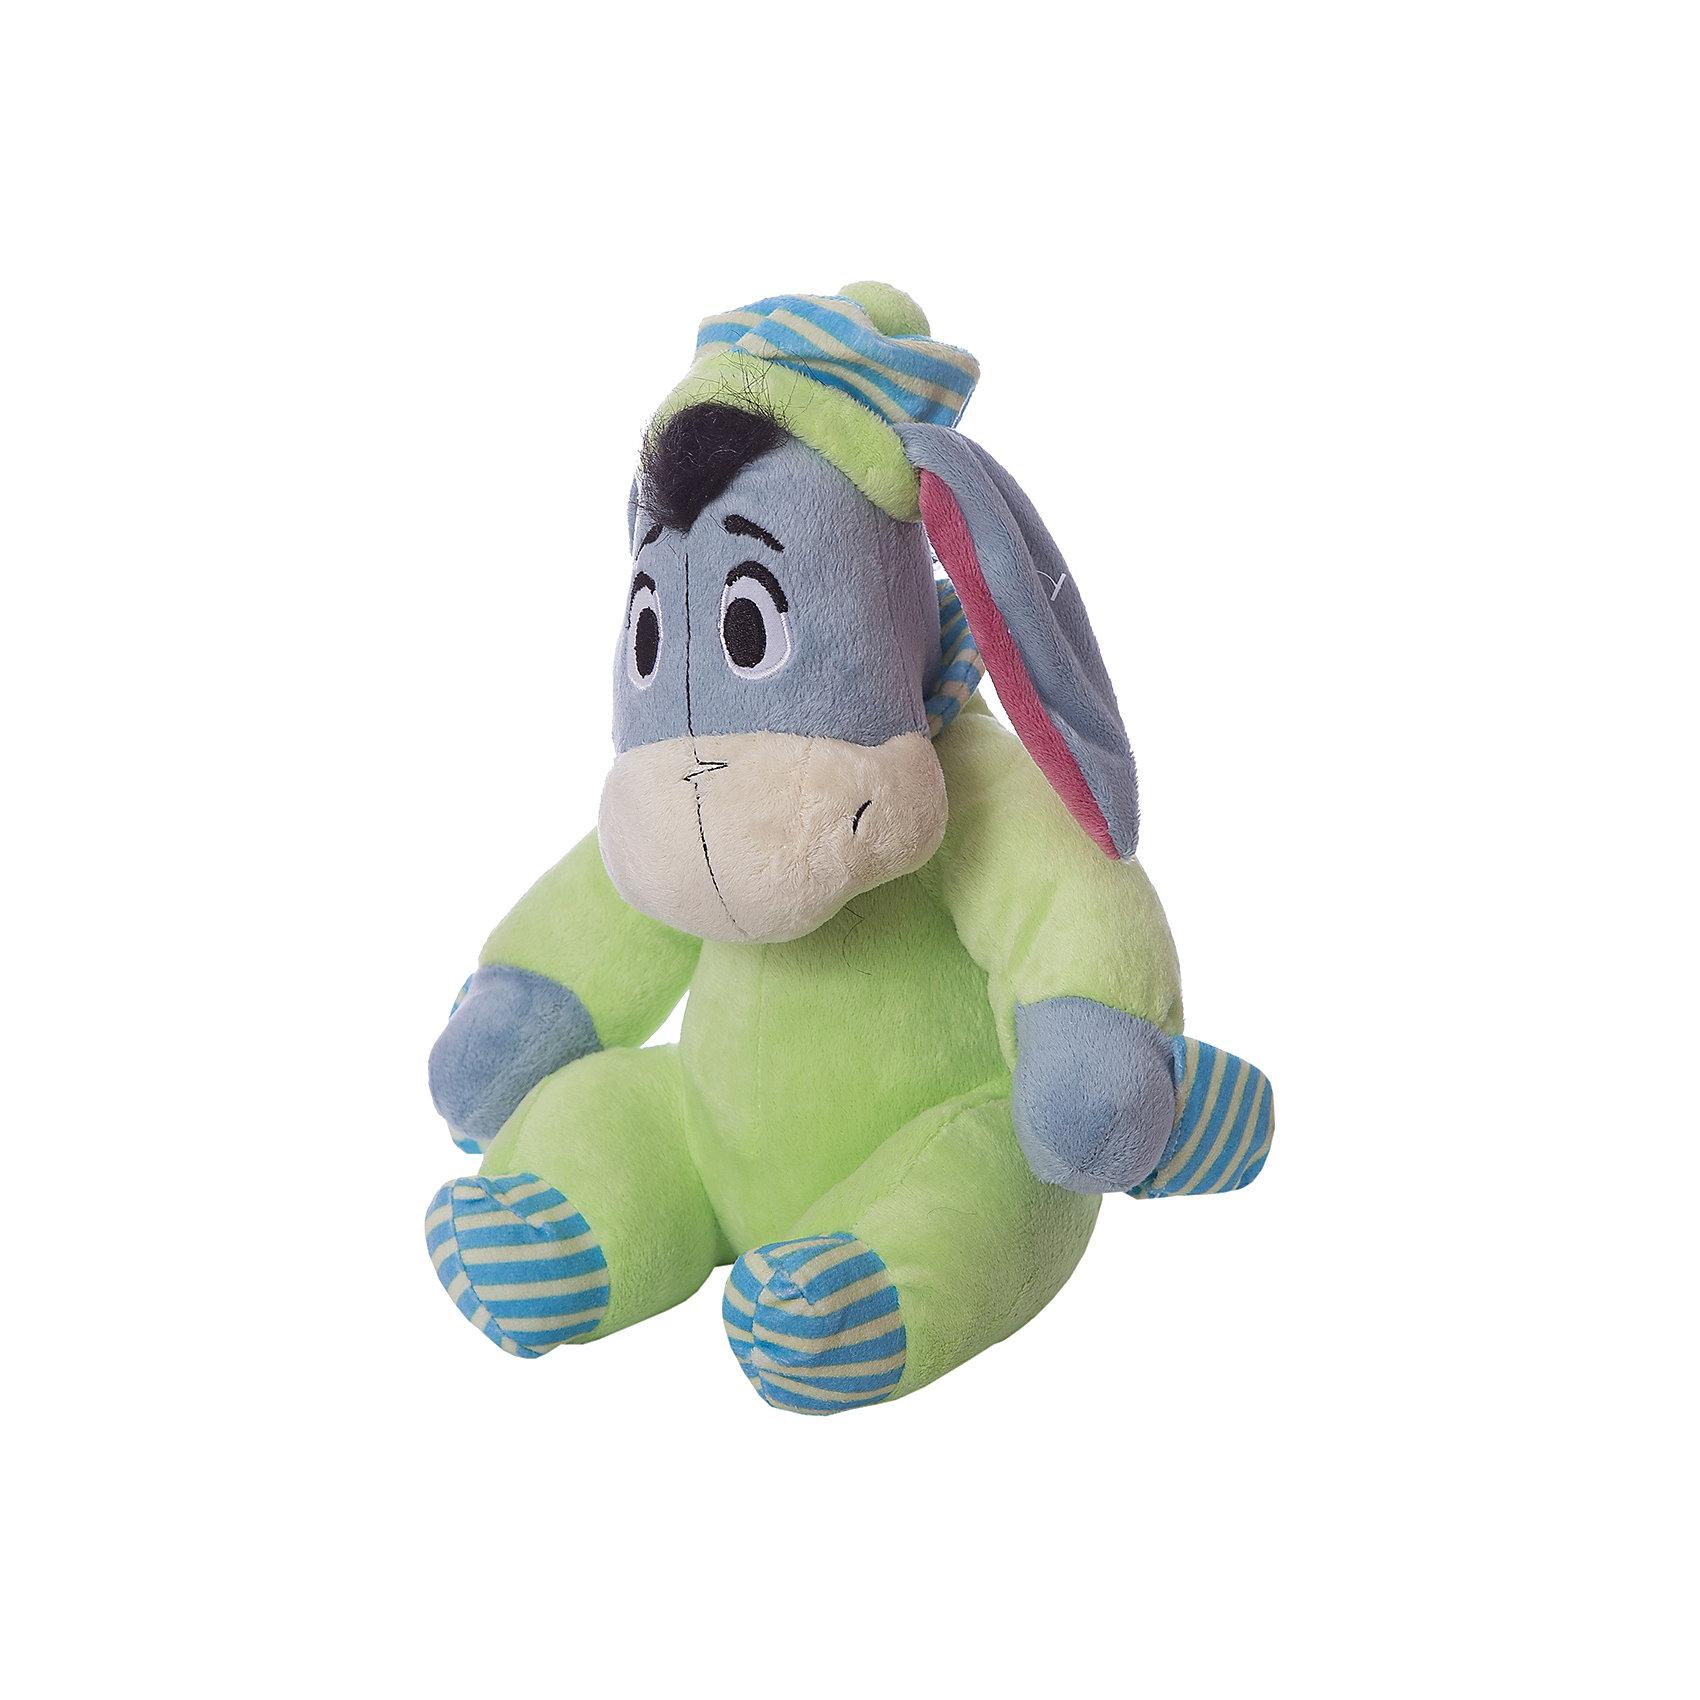 Мягкая игрушка Сонный Ушастик, Disney, 23 см